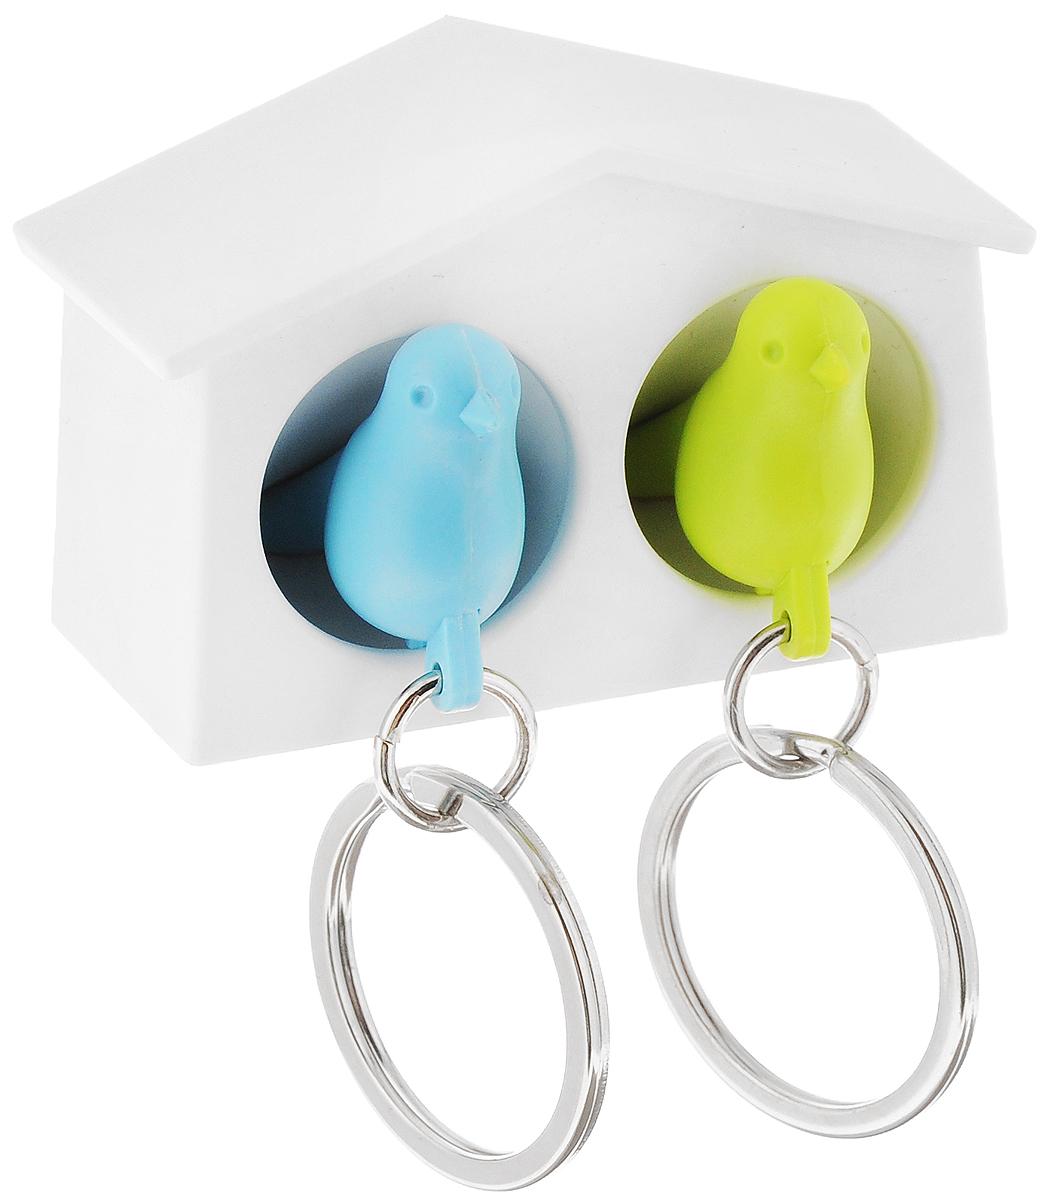 Держатель для ключей Qualy Mini Sparrow, двойной, цвет: белый, зеленый, голубойQL10185-WH-GN-BUДержатель для ключей Qualy Mini Sparrow выполнен в виде домика, где живут две маленькие птички. Птички снабжены металлическим кольцом для крепления на ключи и свистком - когда вы уже готовы к выходу из дома или только что пришли, об этом можно оповестить всю семью, а также пошуметь или позвать на помощь в случае опасности. Прикрепите домик-держатель возле входной двери, и вы всегда будете знать, где ваш ключ. А если завести отдельный комплект для каждого члена семьи, при входе в квартиру сразу поймете, кто уже дома. Пусть ваш ключ обретет свое законное место, а заодно и симпатичный брелок. Держатель имеет два отверстия для подвешивания на стену, а также двухсторонний клейкий стикер. Размер домика: 6 х 3 х 4 см. Размер птички: 4 х 2 х 1,5 см.